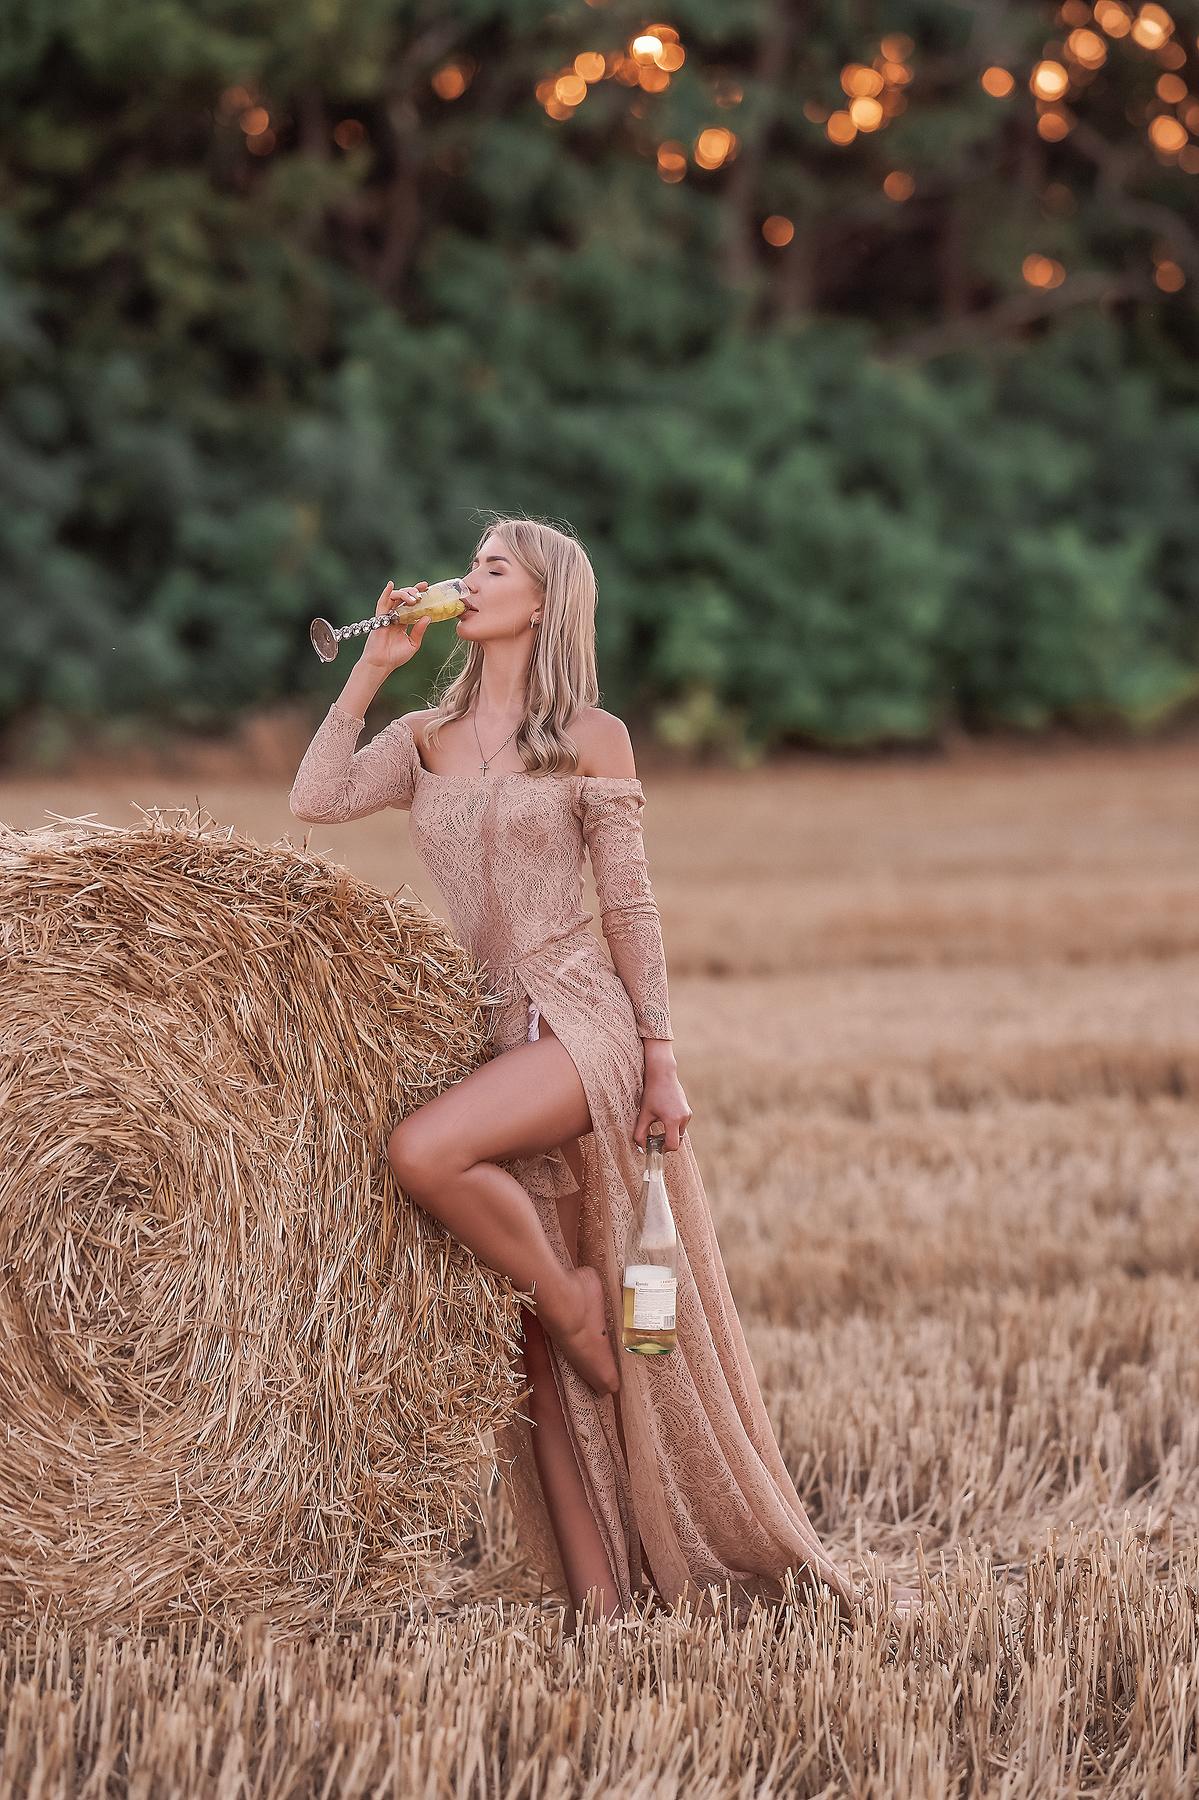 Сухая трава / фото Photographyzp Yana